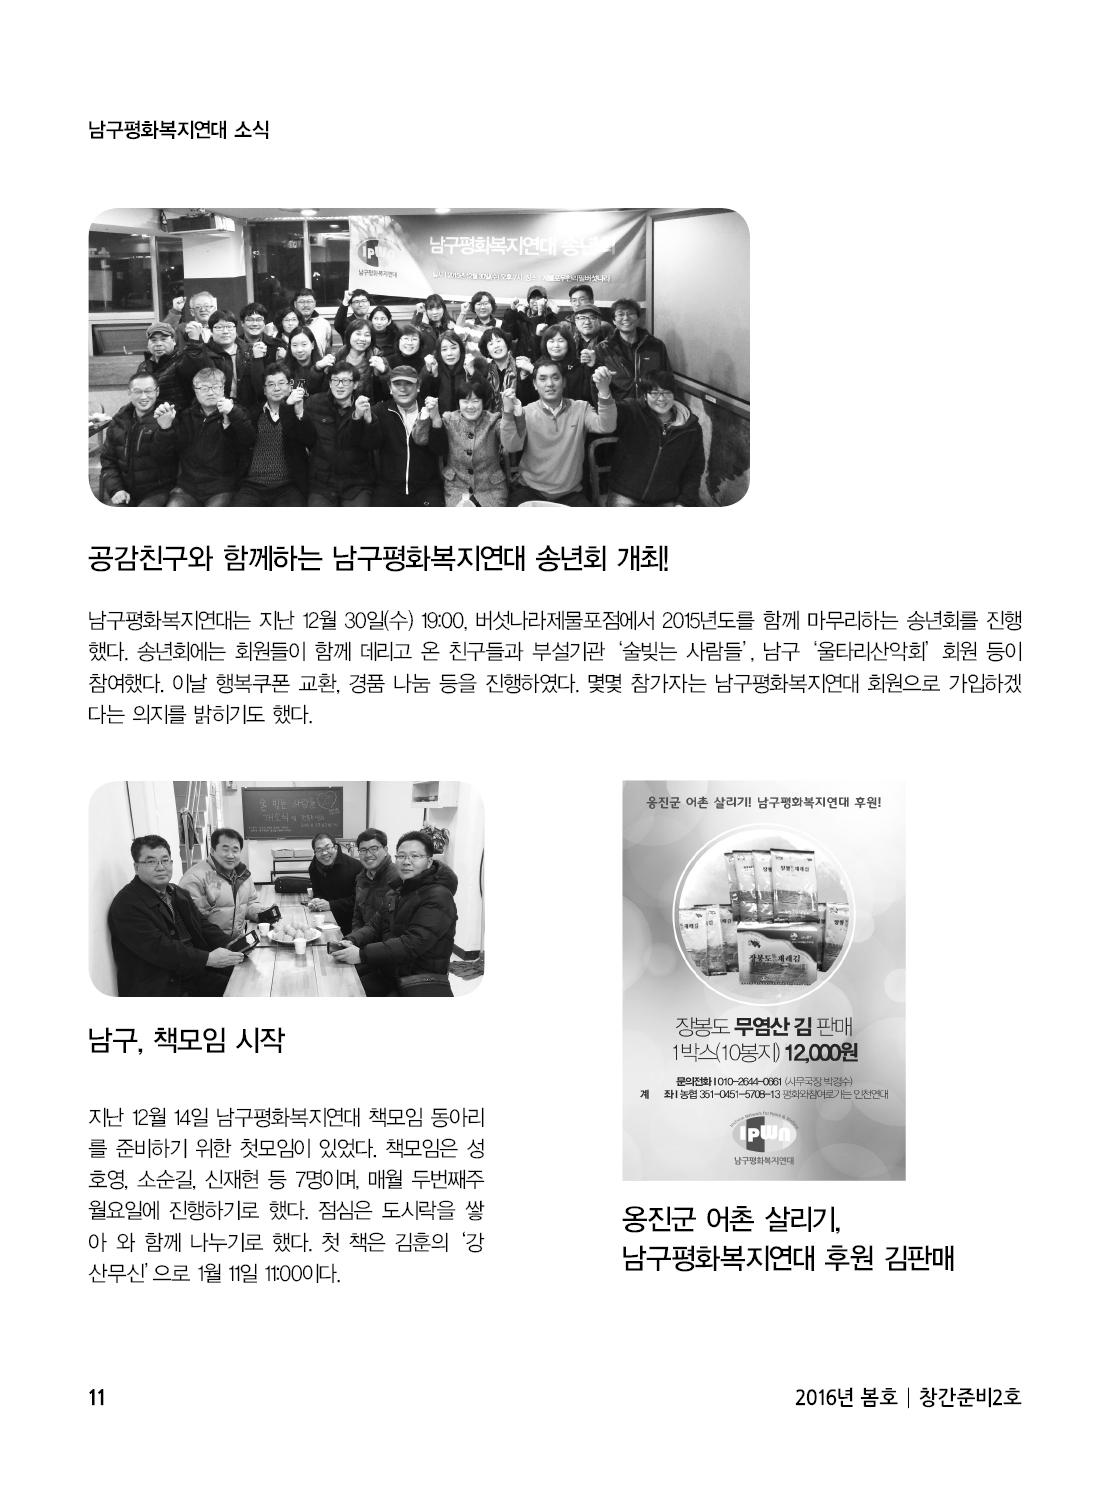 아웃라인 인천평화복지연대 창간준비2호11.jpg